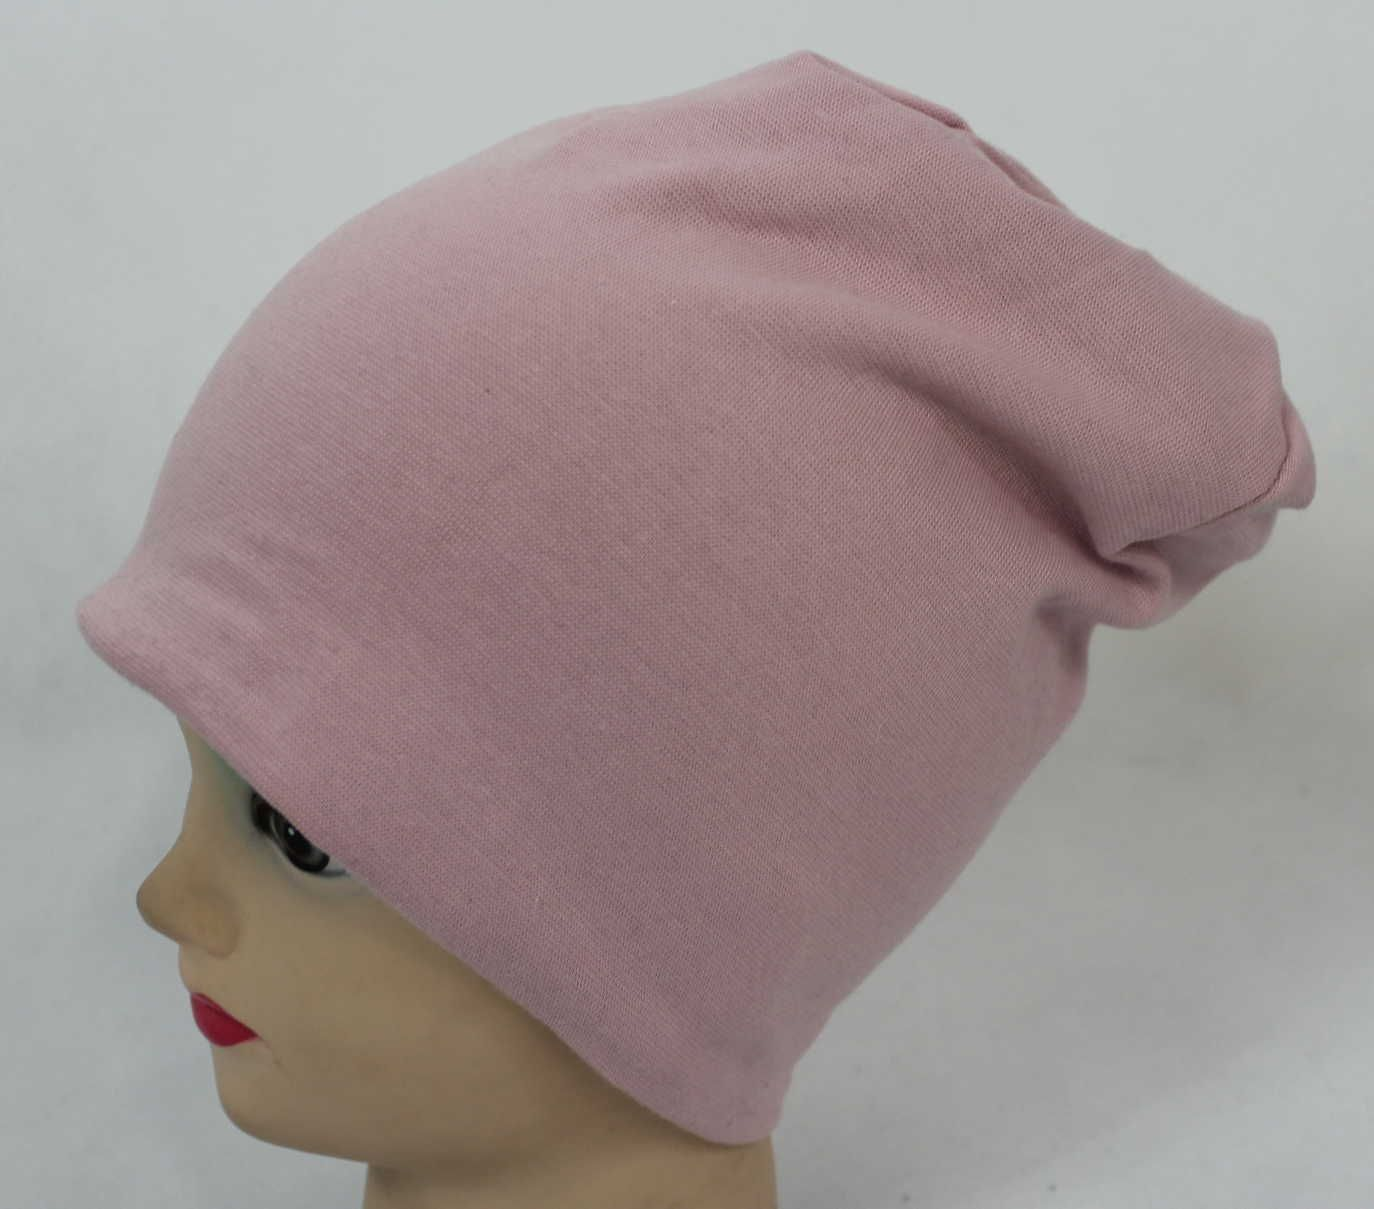 dětská bavlněná čepice, starorůžová čepice, zateplené růžová čepice se spadlým vrškem, dívčí čepice